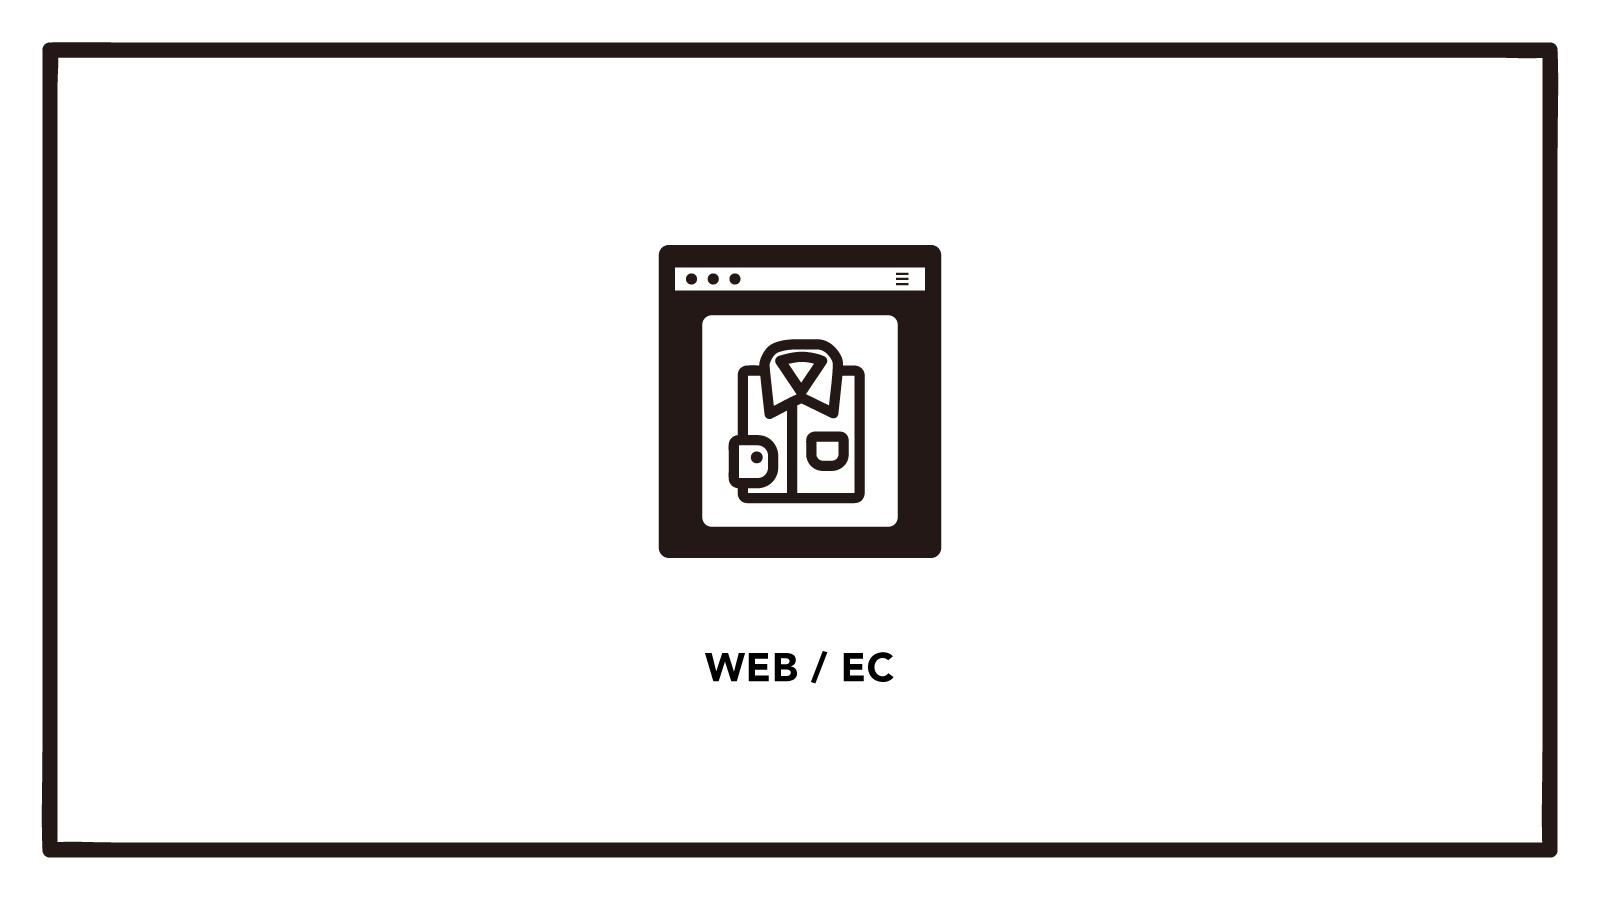 グラフィックデザイナー|グループ内のブランドの印刷物全般のデザイン担当!のカバー写真